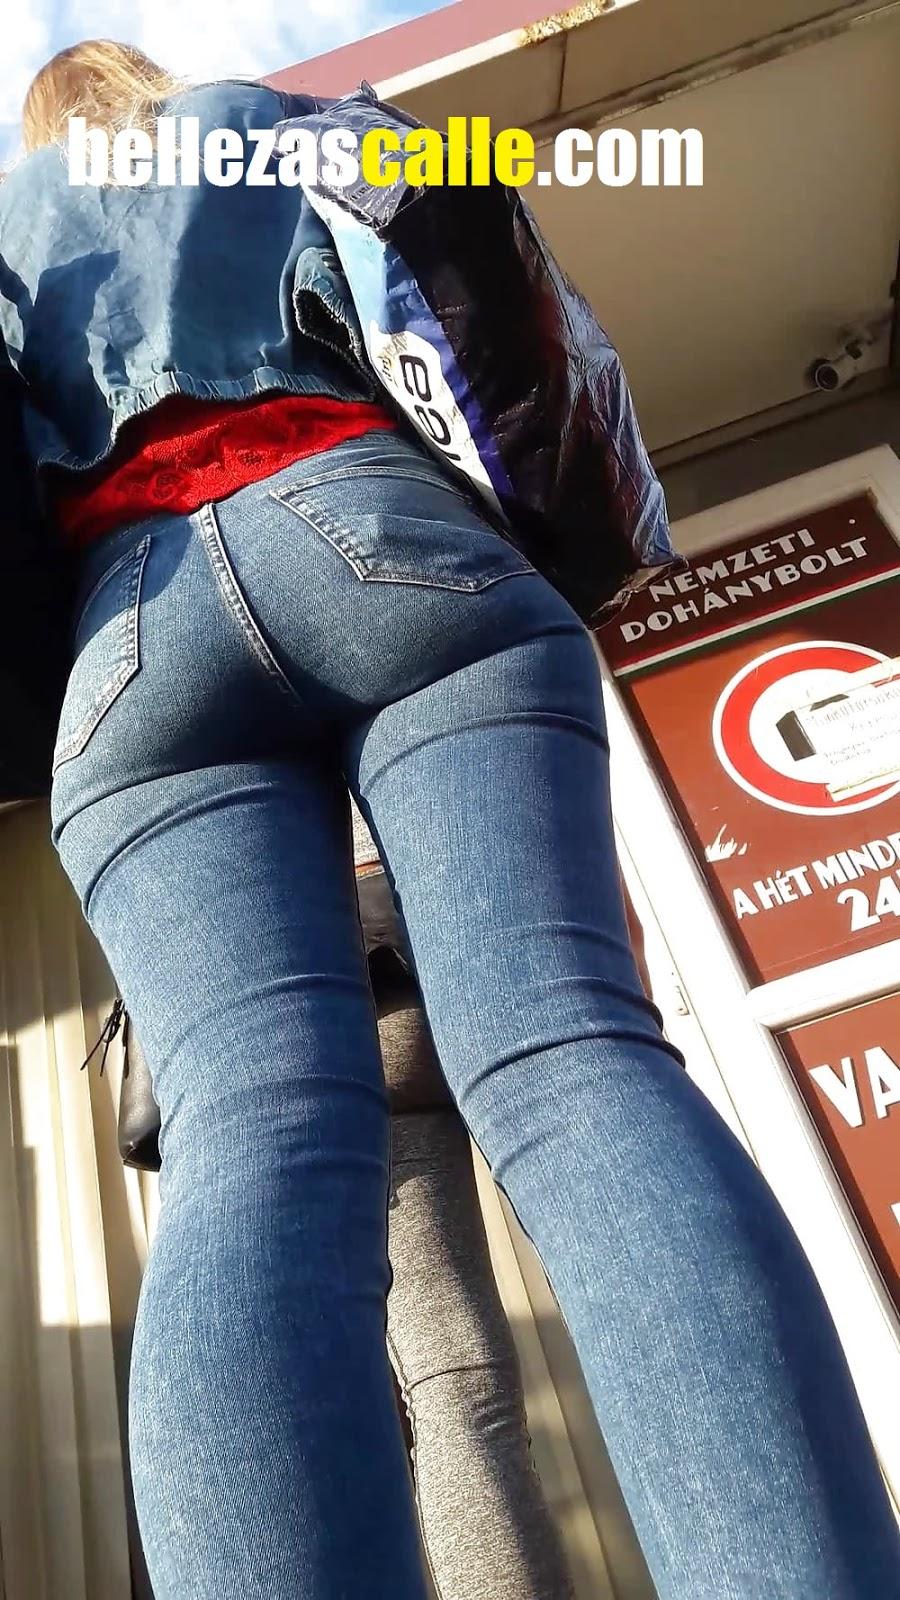 Chicas con pantalones apretados